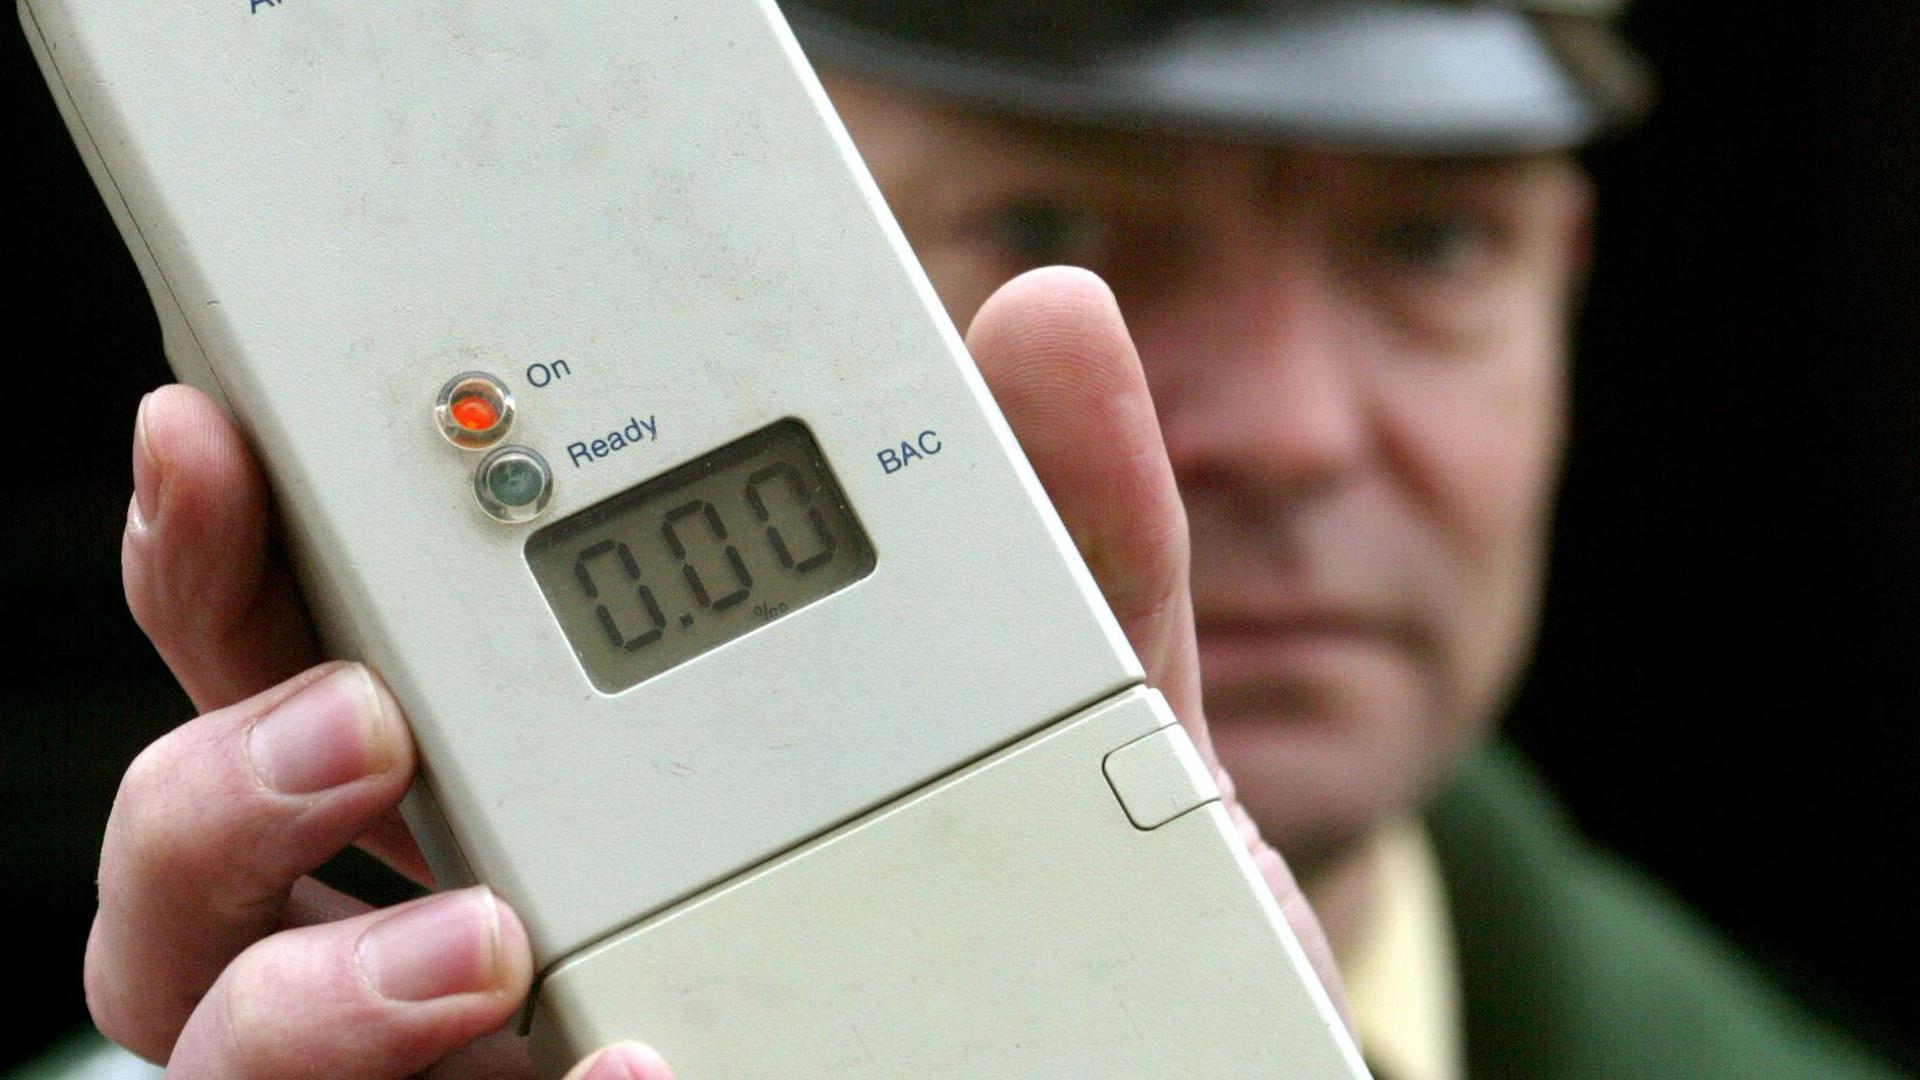 ARCHIV - Ein Polizist zeigt in Magdeburg ein Alkohol-Atemmessgerät (Archivfoto vom 08.03.2005). Beim 47. Verkehrsgerichtstag, der am kommenden Donnerstag (29.01.2009) in Goslar beginnt, werden sich die Fachleute über das Dauerbrenner-Thema Promillegrenze wieder einmal die Köpfe heißreden. Dabei geht es vor allem darum, wie der Alkohol-Pegel von Autofahrern am genauesten und am schnellsten gemessen werden kann. Angeheizt wird die Debatte durch einen Vorschlag der Bundes-Drogenbeauftragten Bätzing, die für eine Senkung der Promille-Grenze auf 0,3 Prozent plädiert. Foto: Jens Wolf/lah/lni (zu lni 0420) +++(c) dpa - Bildfunk+++ sdwsa